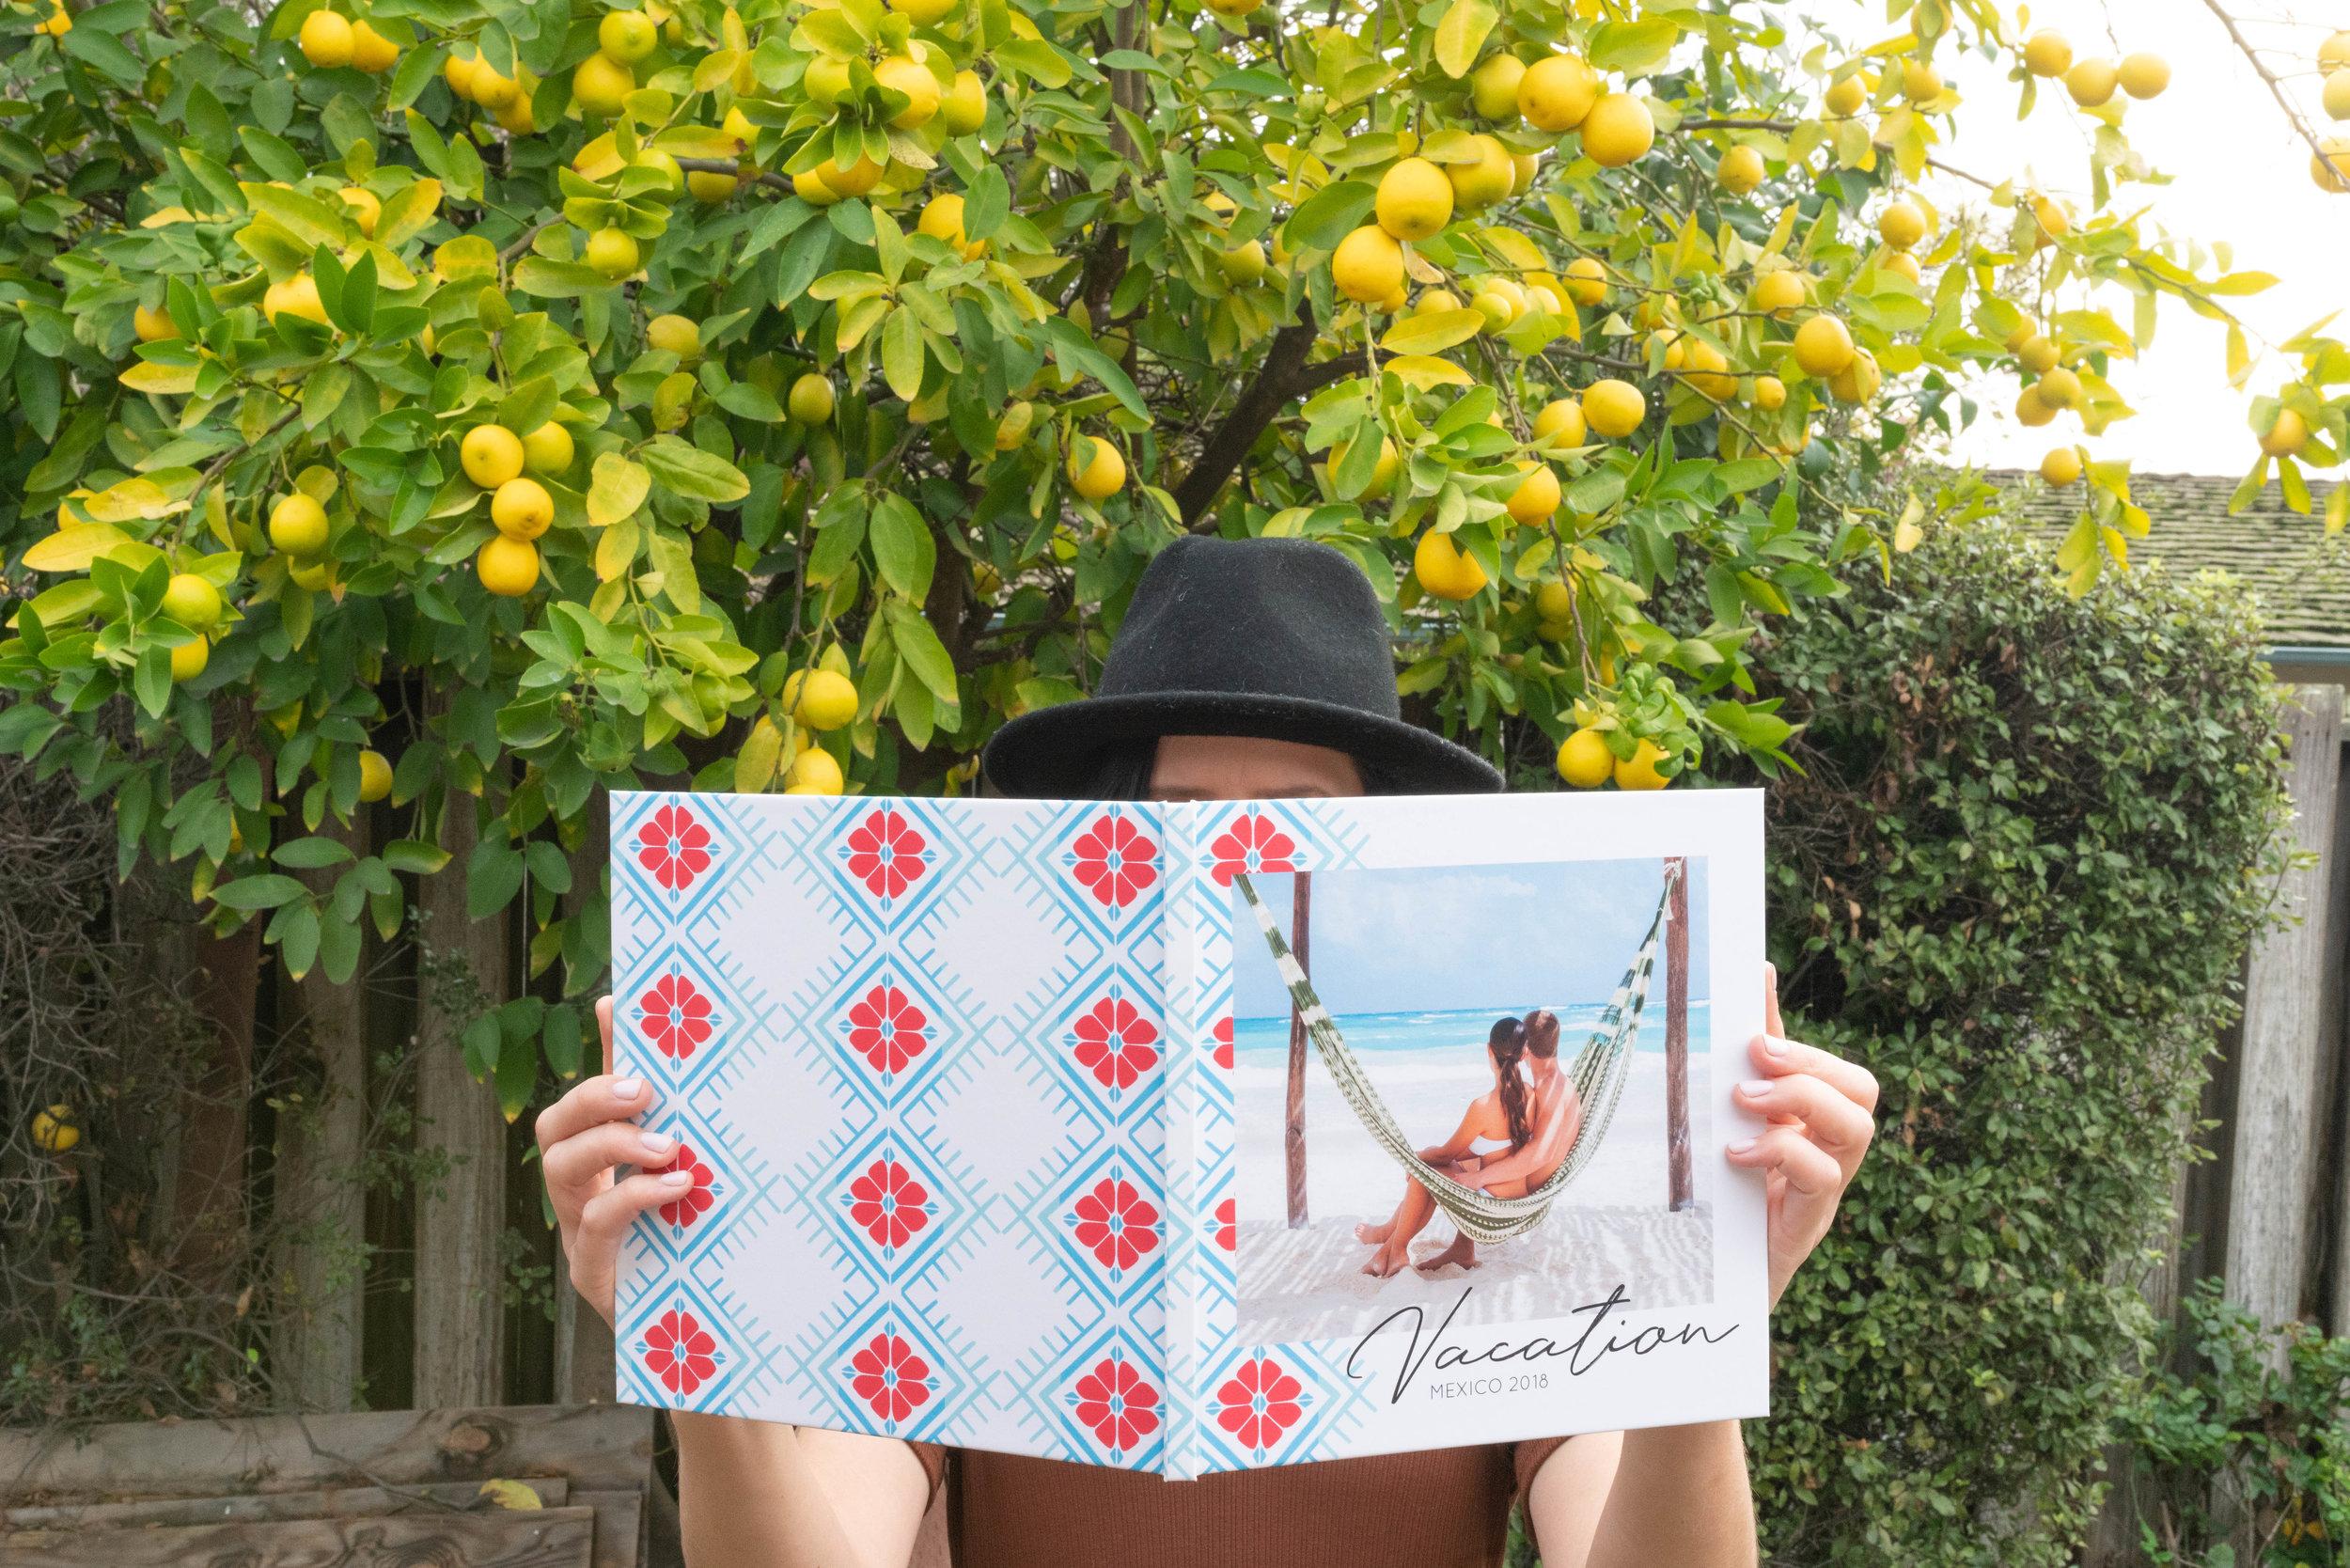 mexico-photo-book-spring-break